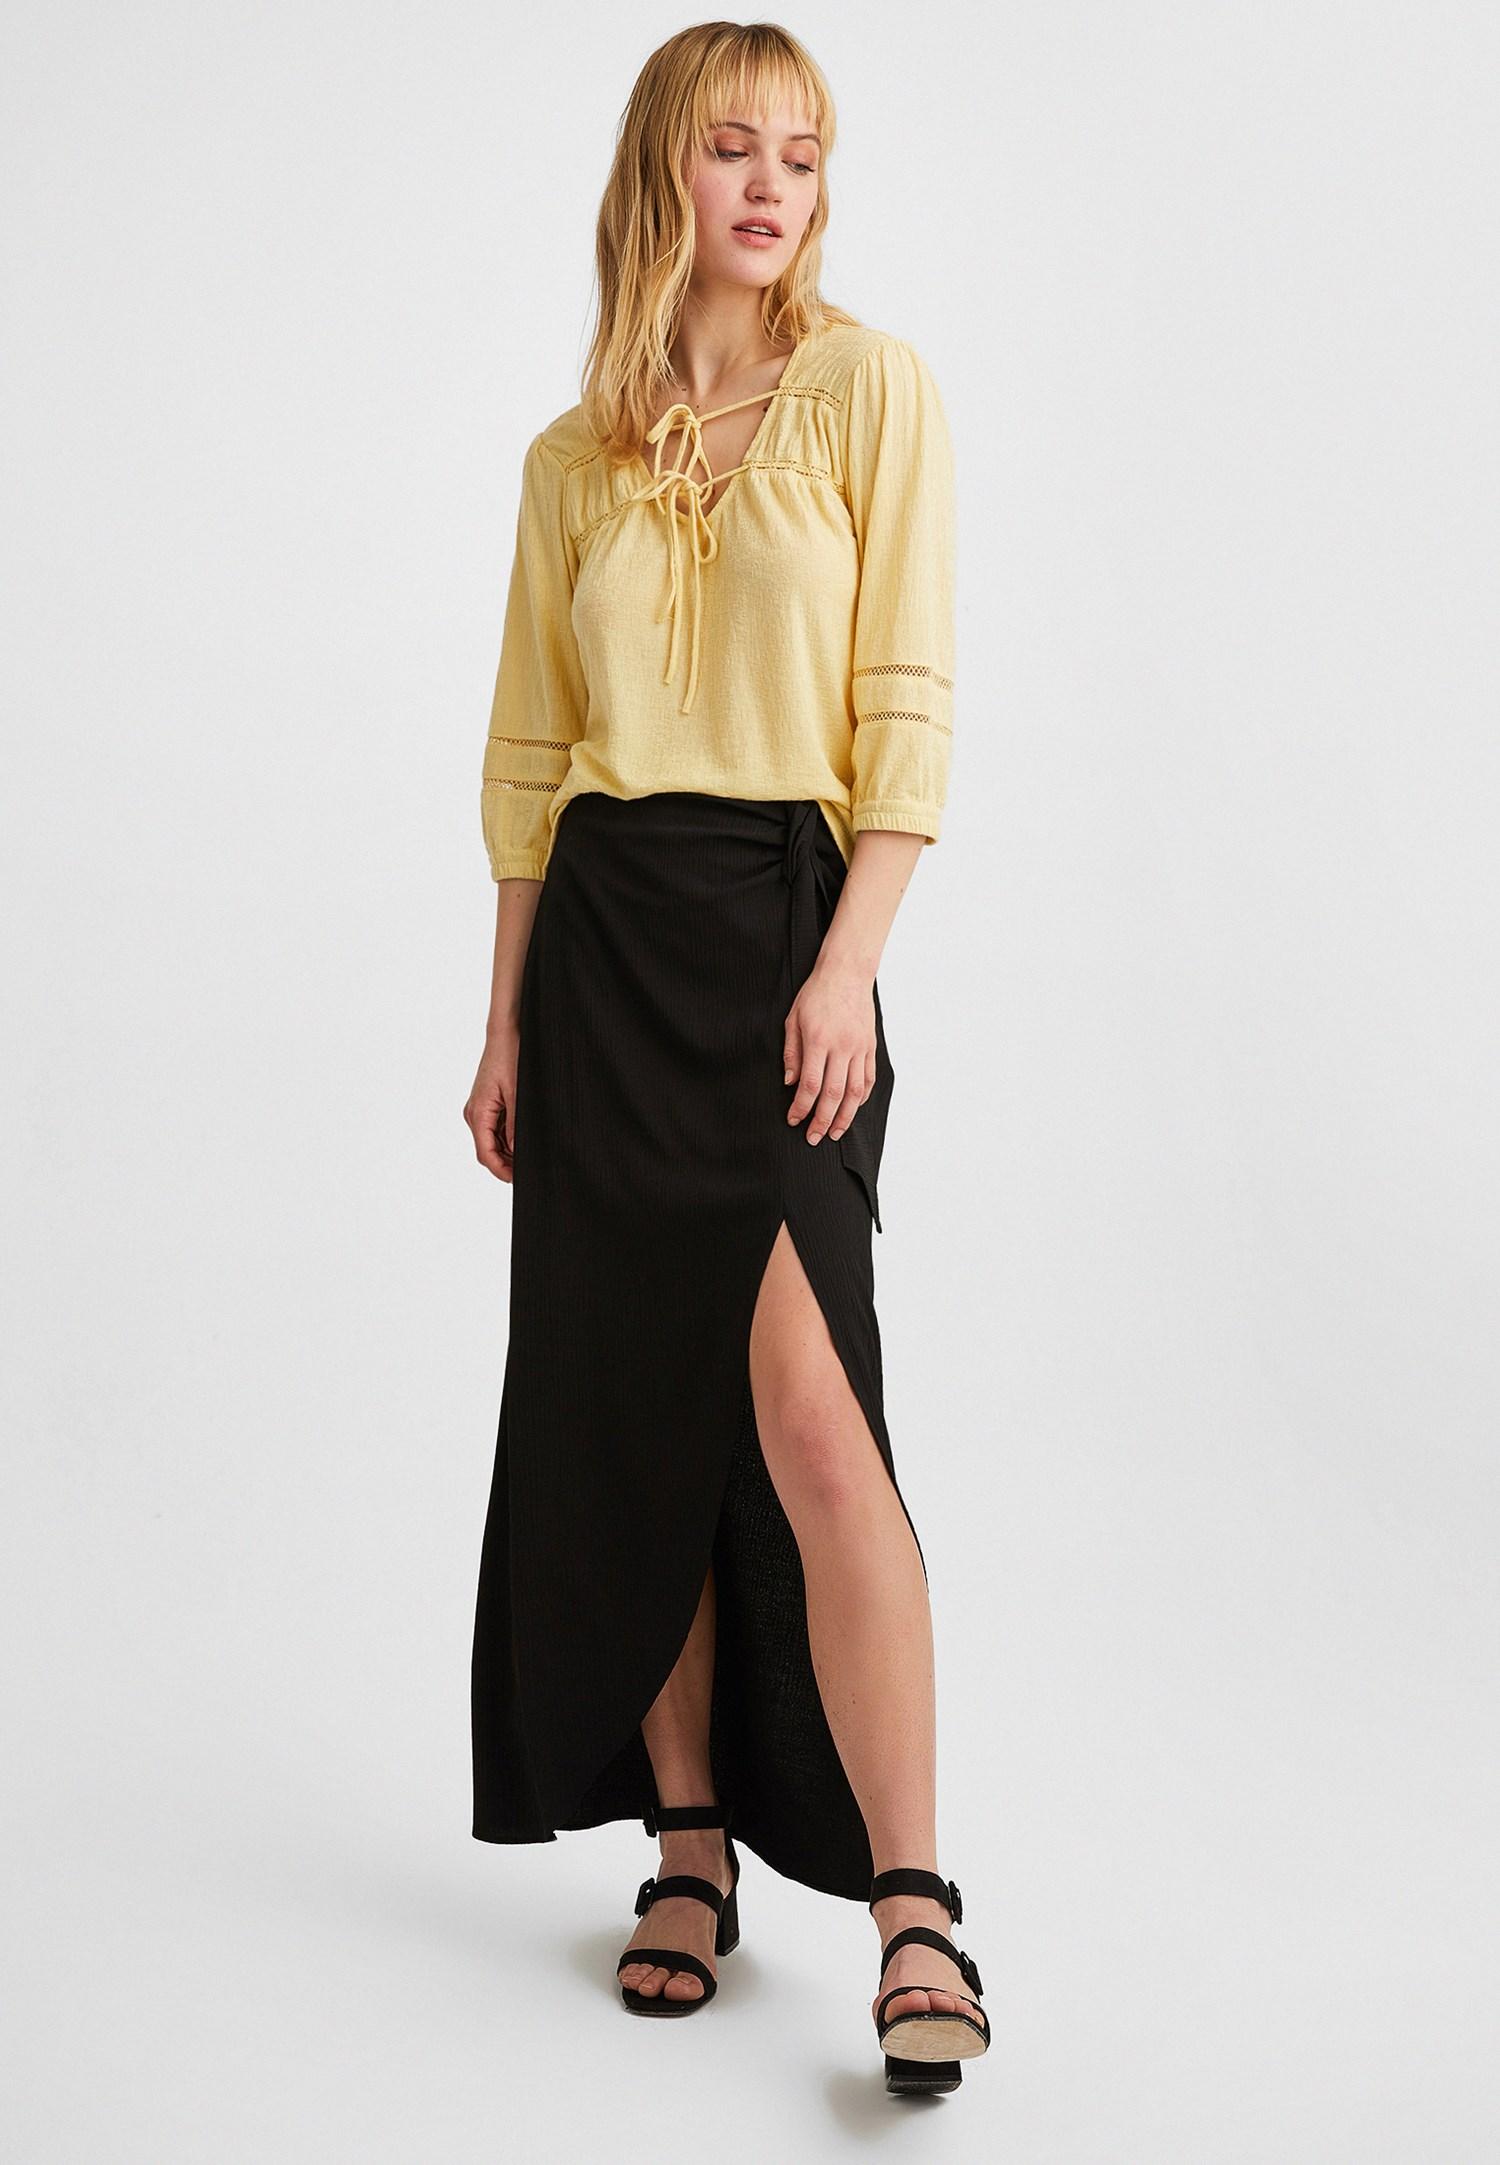 Bayan Sarı Bağlama ve Dantel Detaylı Bluz